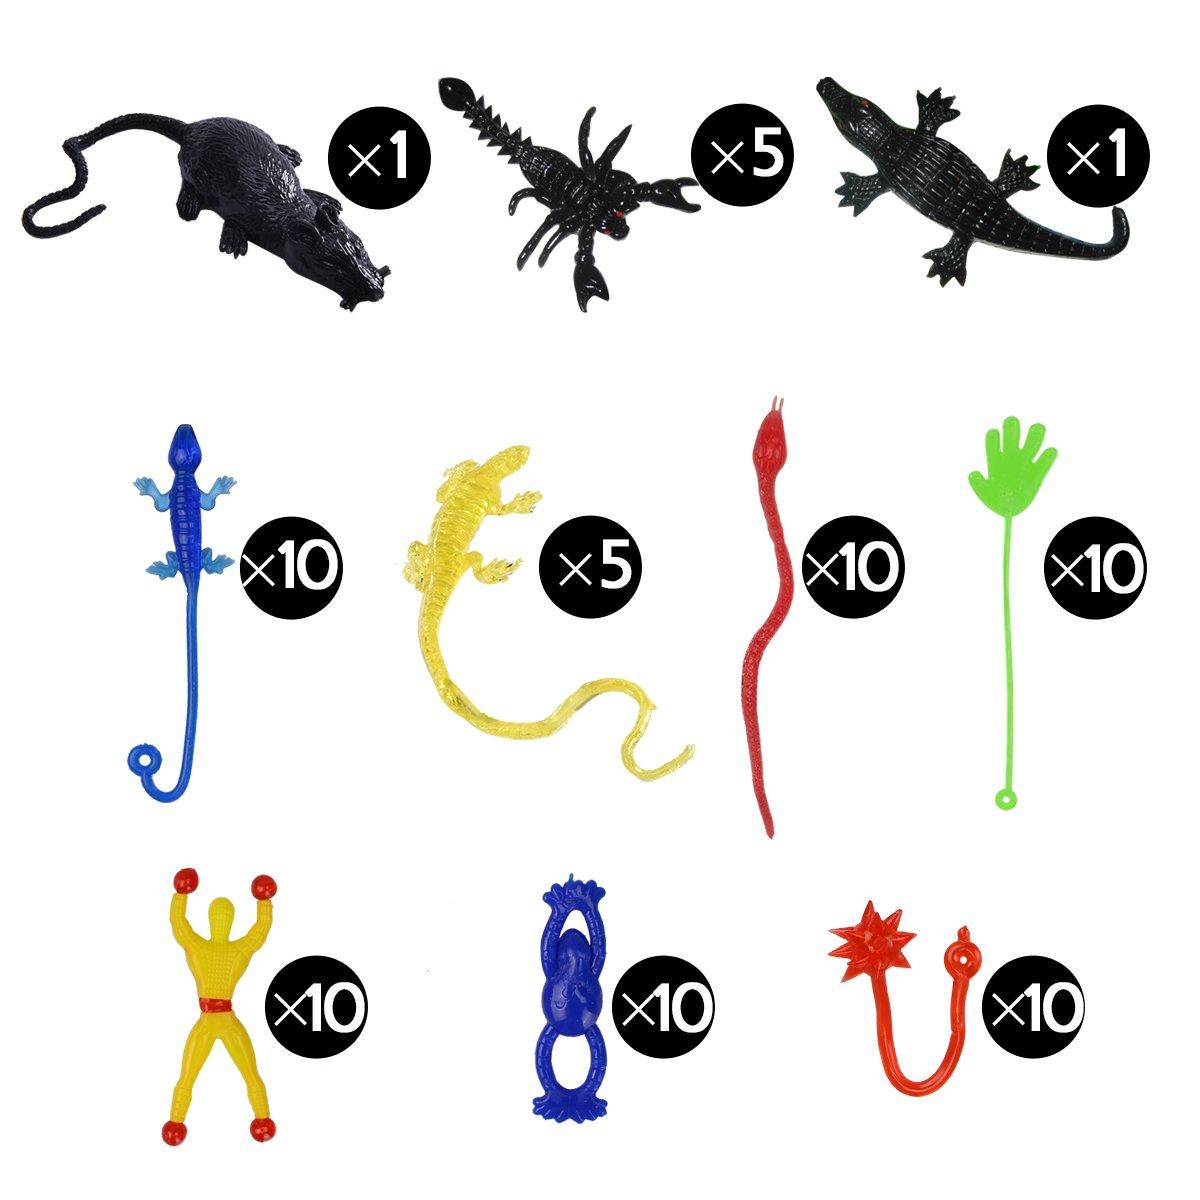 72 x sticky jouet gluante mélange de jouets collantes petit cadeau l\'anniversaire d\'enfant strechy, élastique, amusant couleurs vives - Mains, Escalade murale Homme, Marteaux, Serpents, Grenouilles volantes, Lizards, Scorpions, souris noi